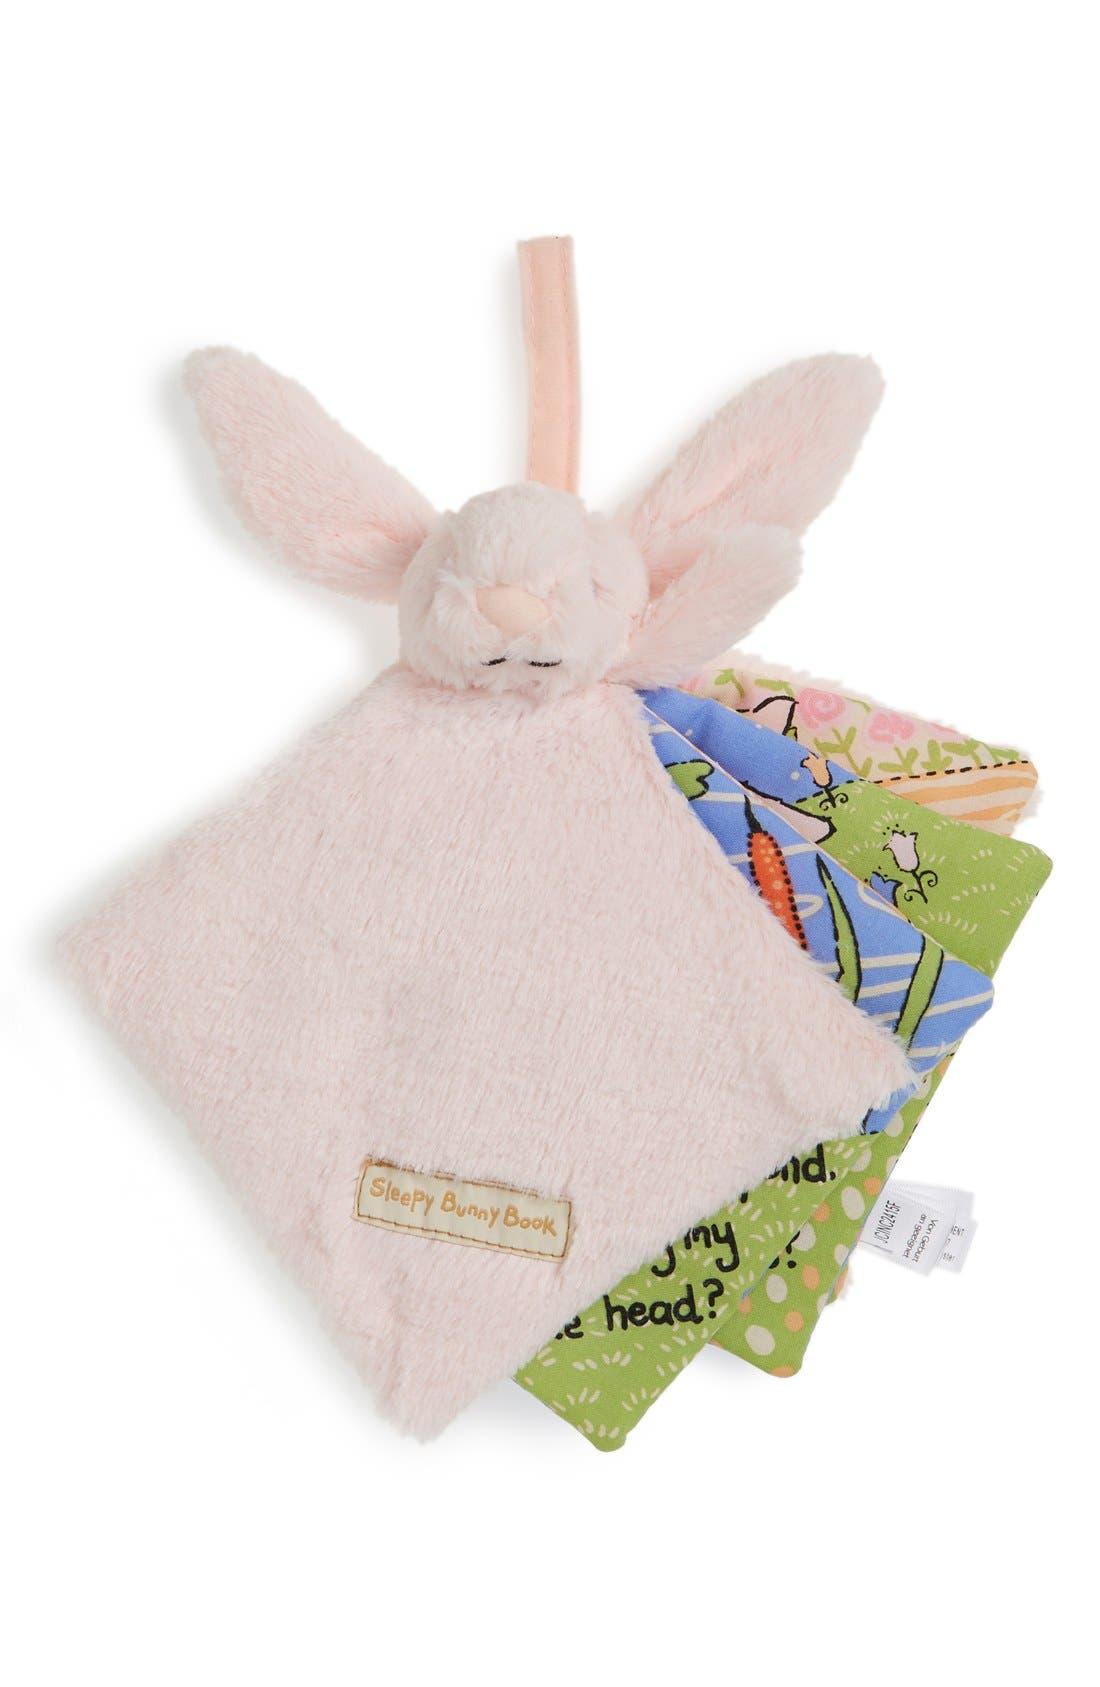 'Sleepy Bunny' Soft Fabric Book,                         Main,                         color, 650